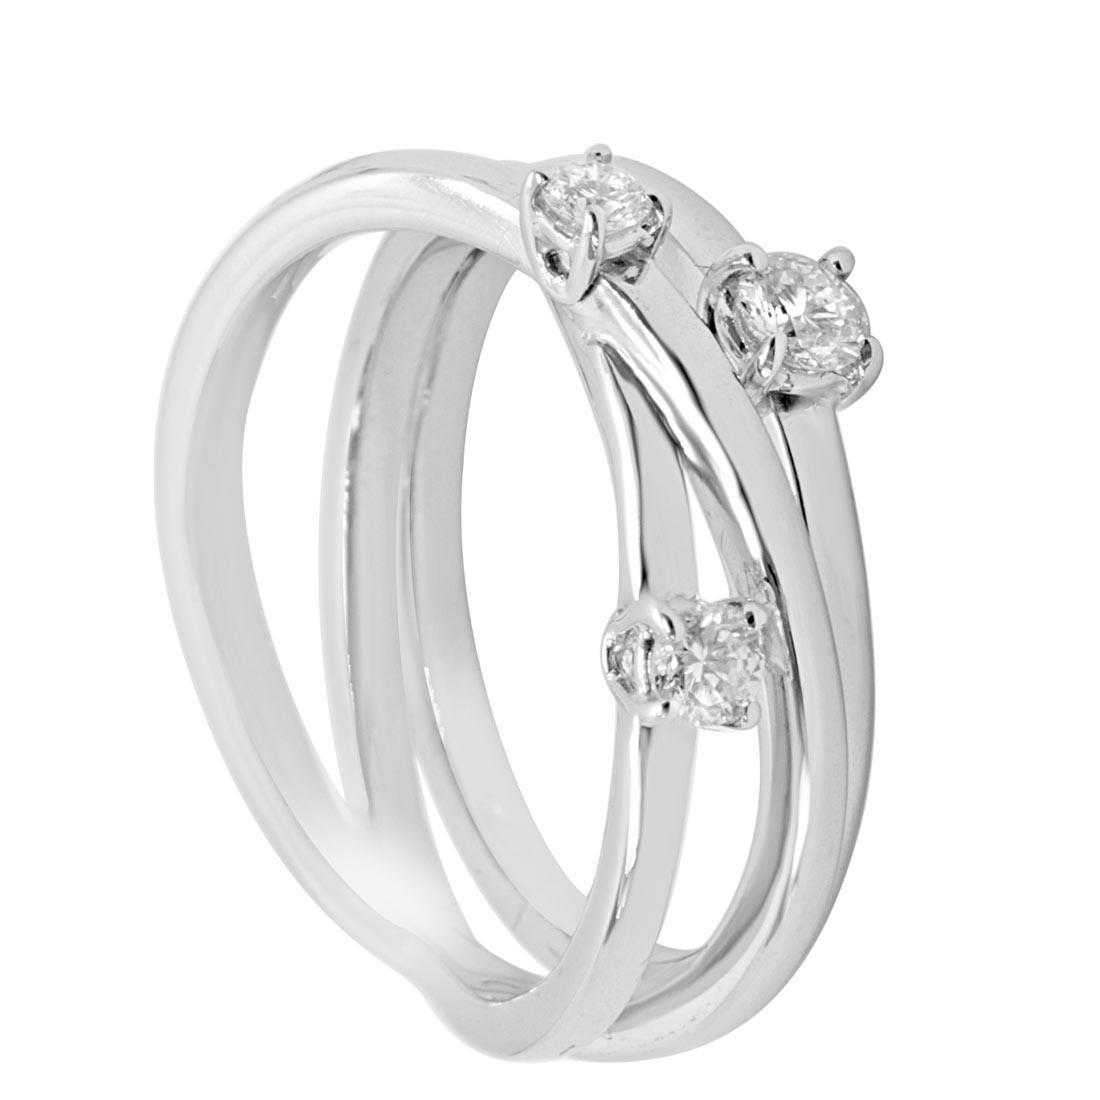 Anello in oro bianco con diamanti 0,30 ct mis 13 - ALFIERI & ST. JOHN